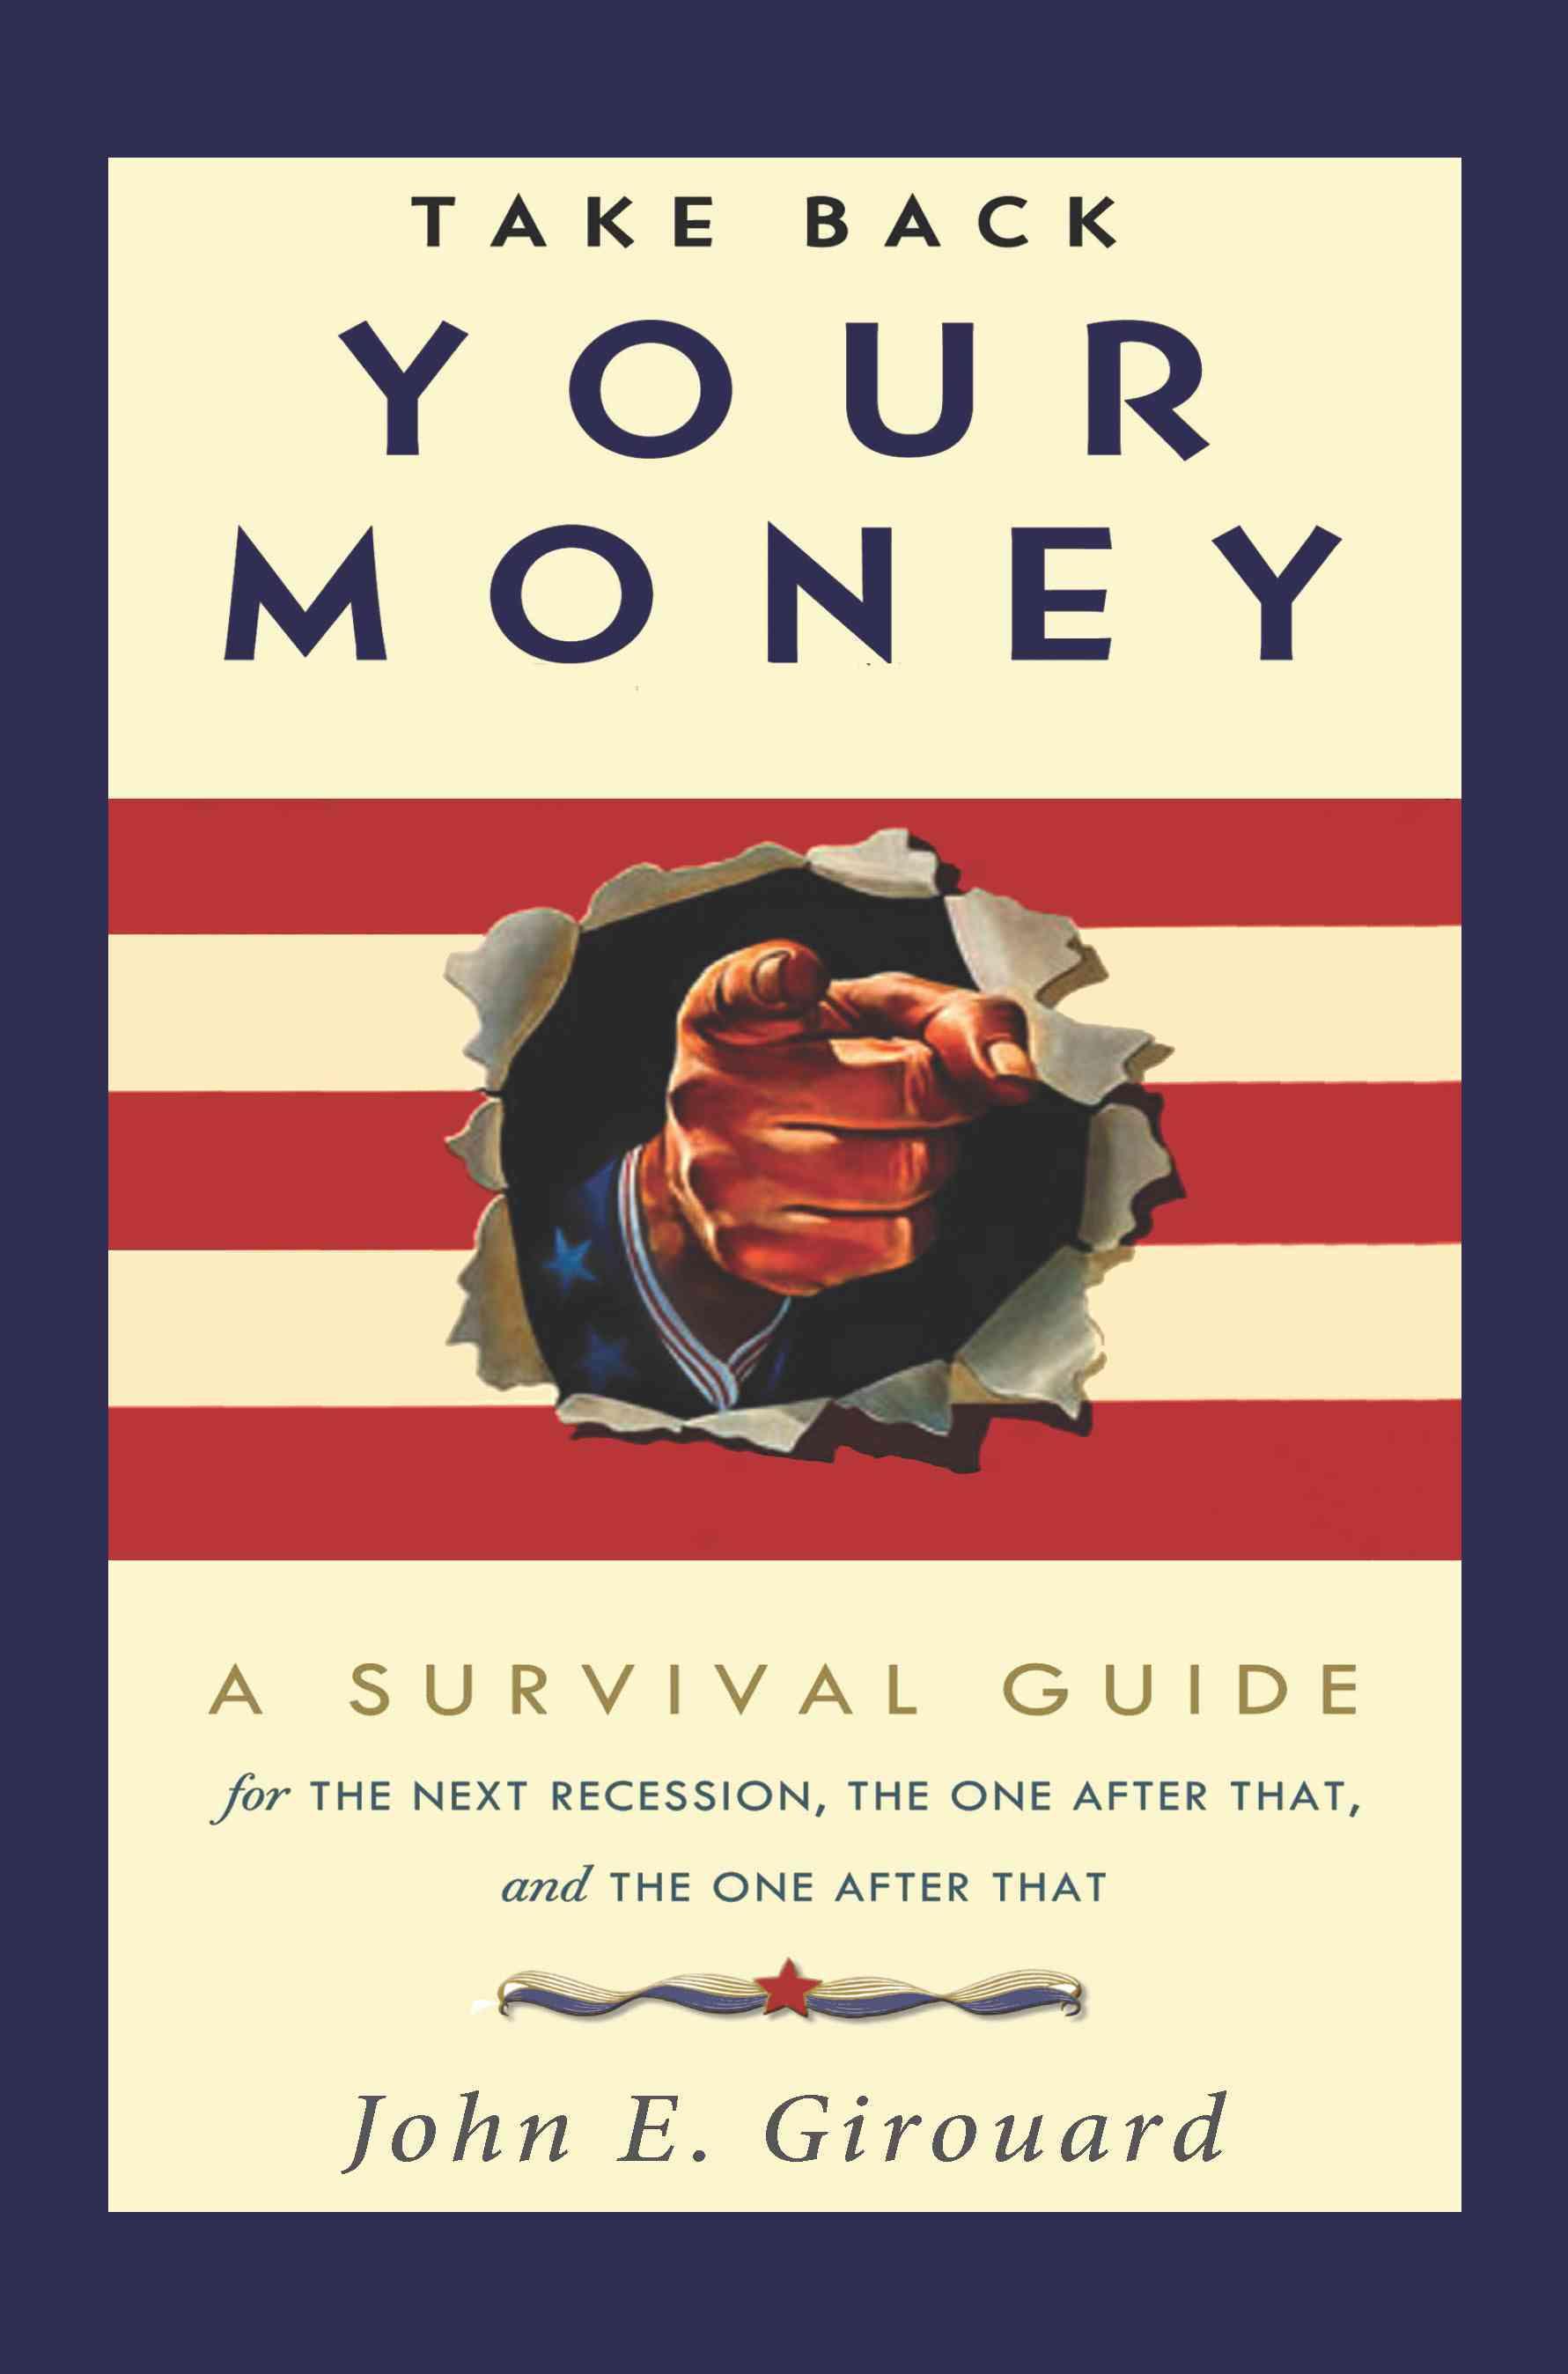 Take Back Your Money By Girouard, John E.